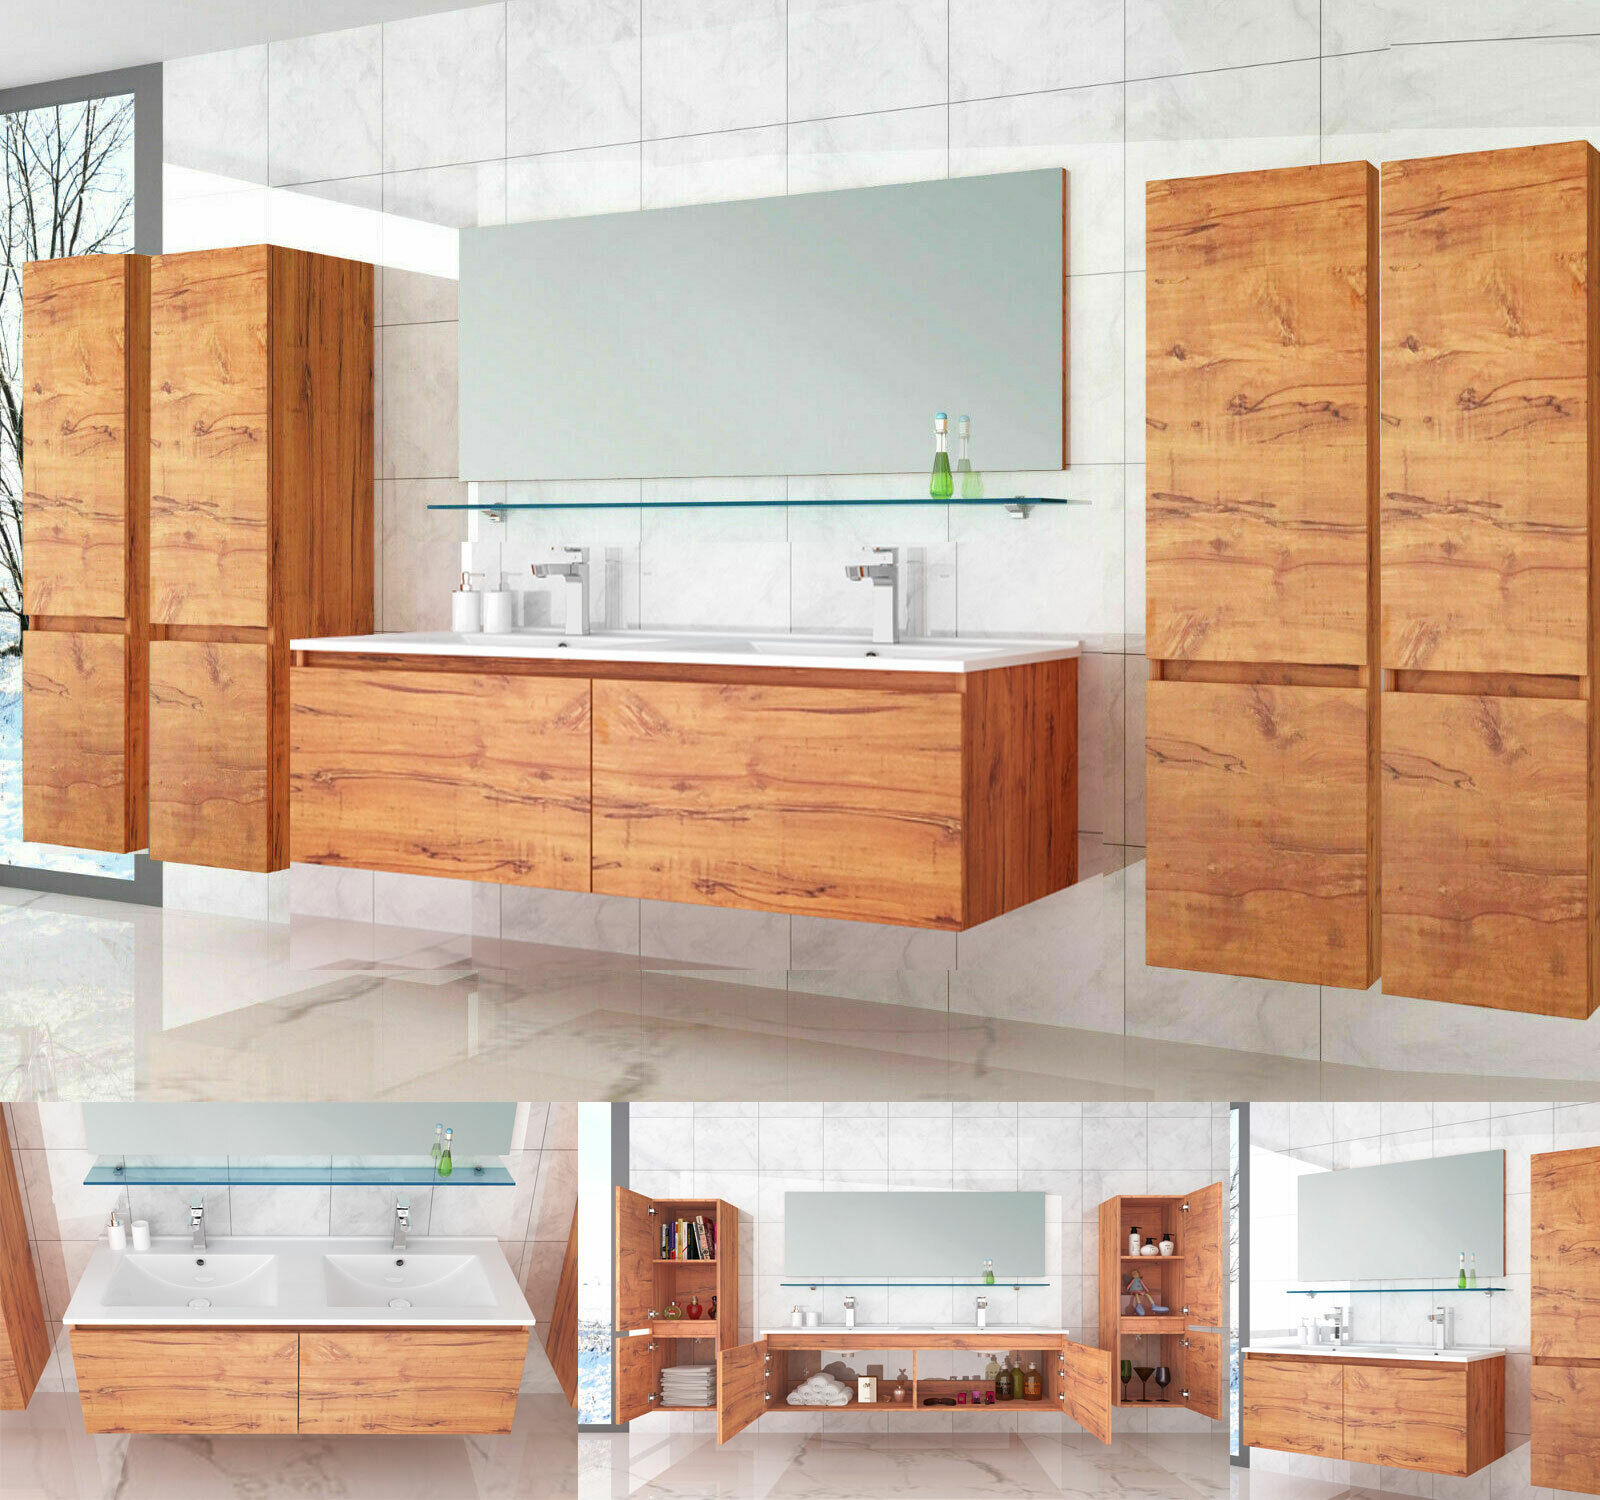 Badmöbel Set 120 cm Eiche Doppel Waschbecken Badezimmermöbel Doppelwaschtisch E.